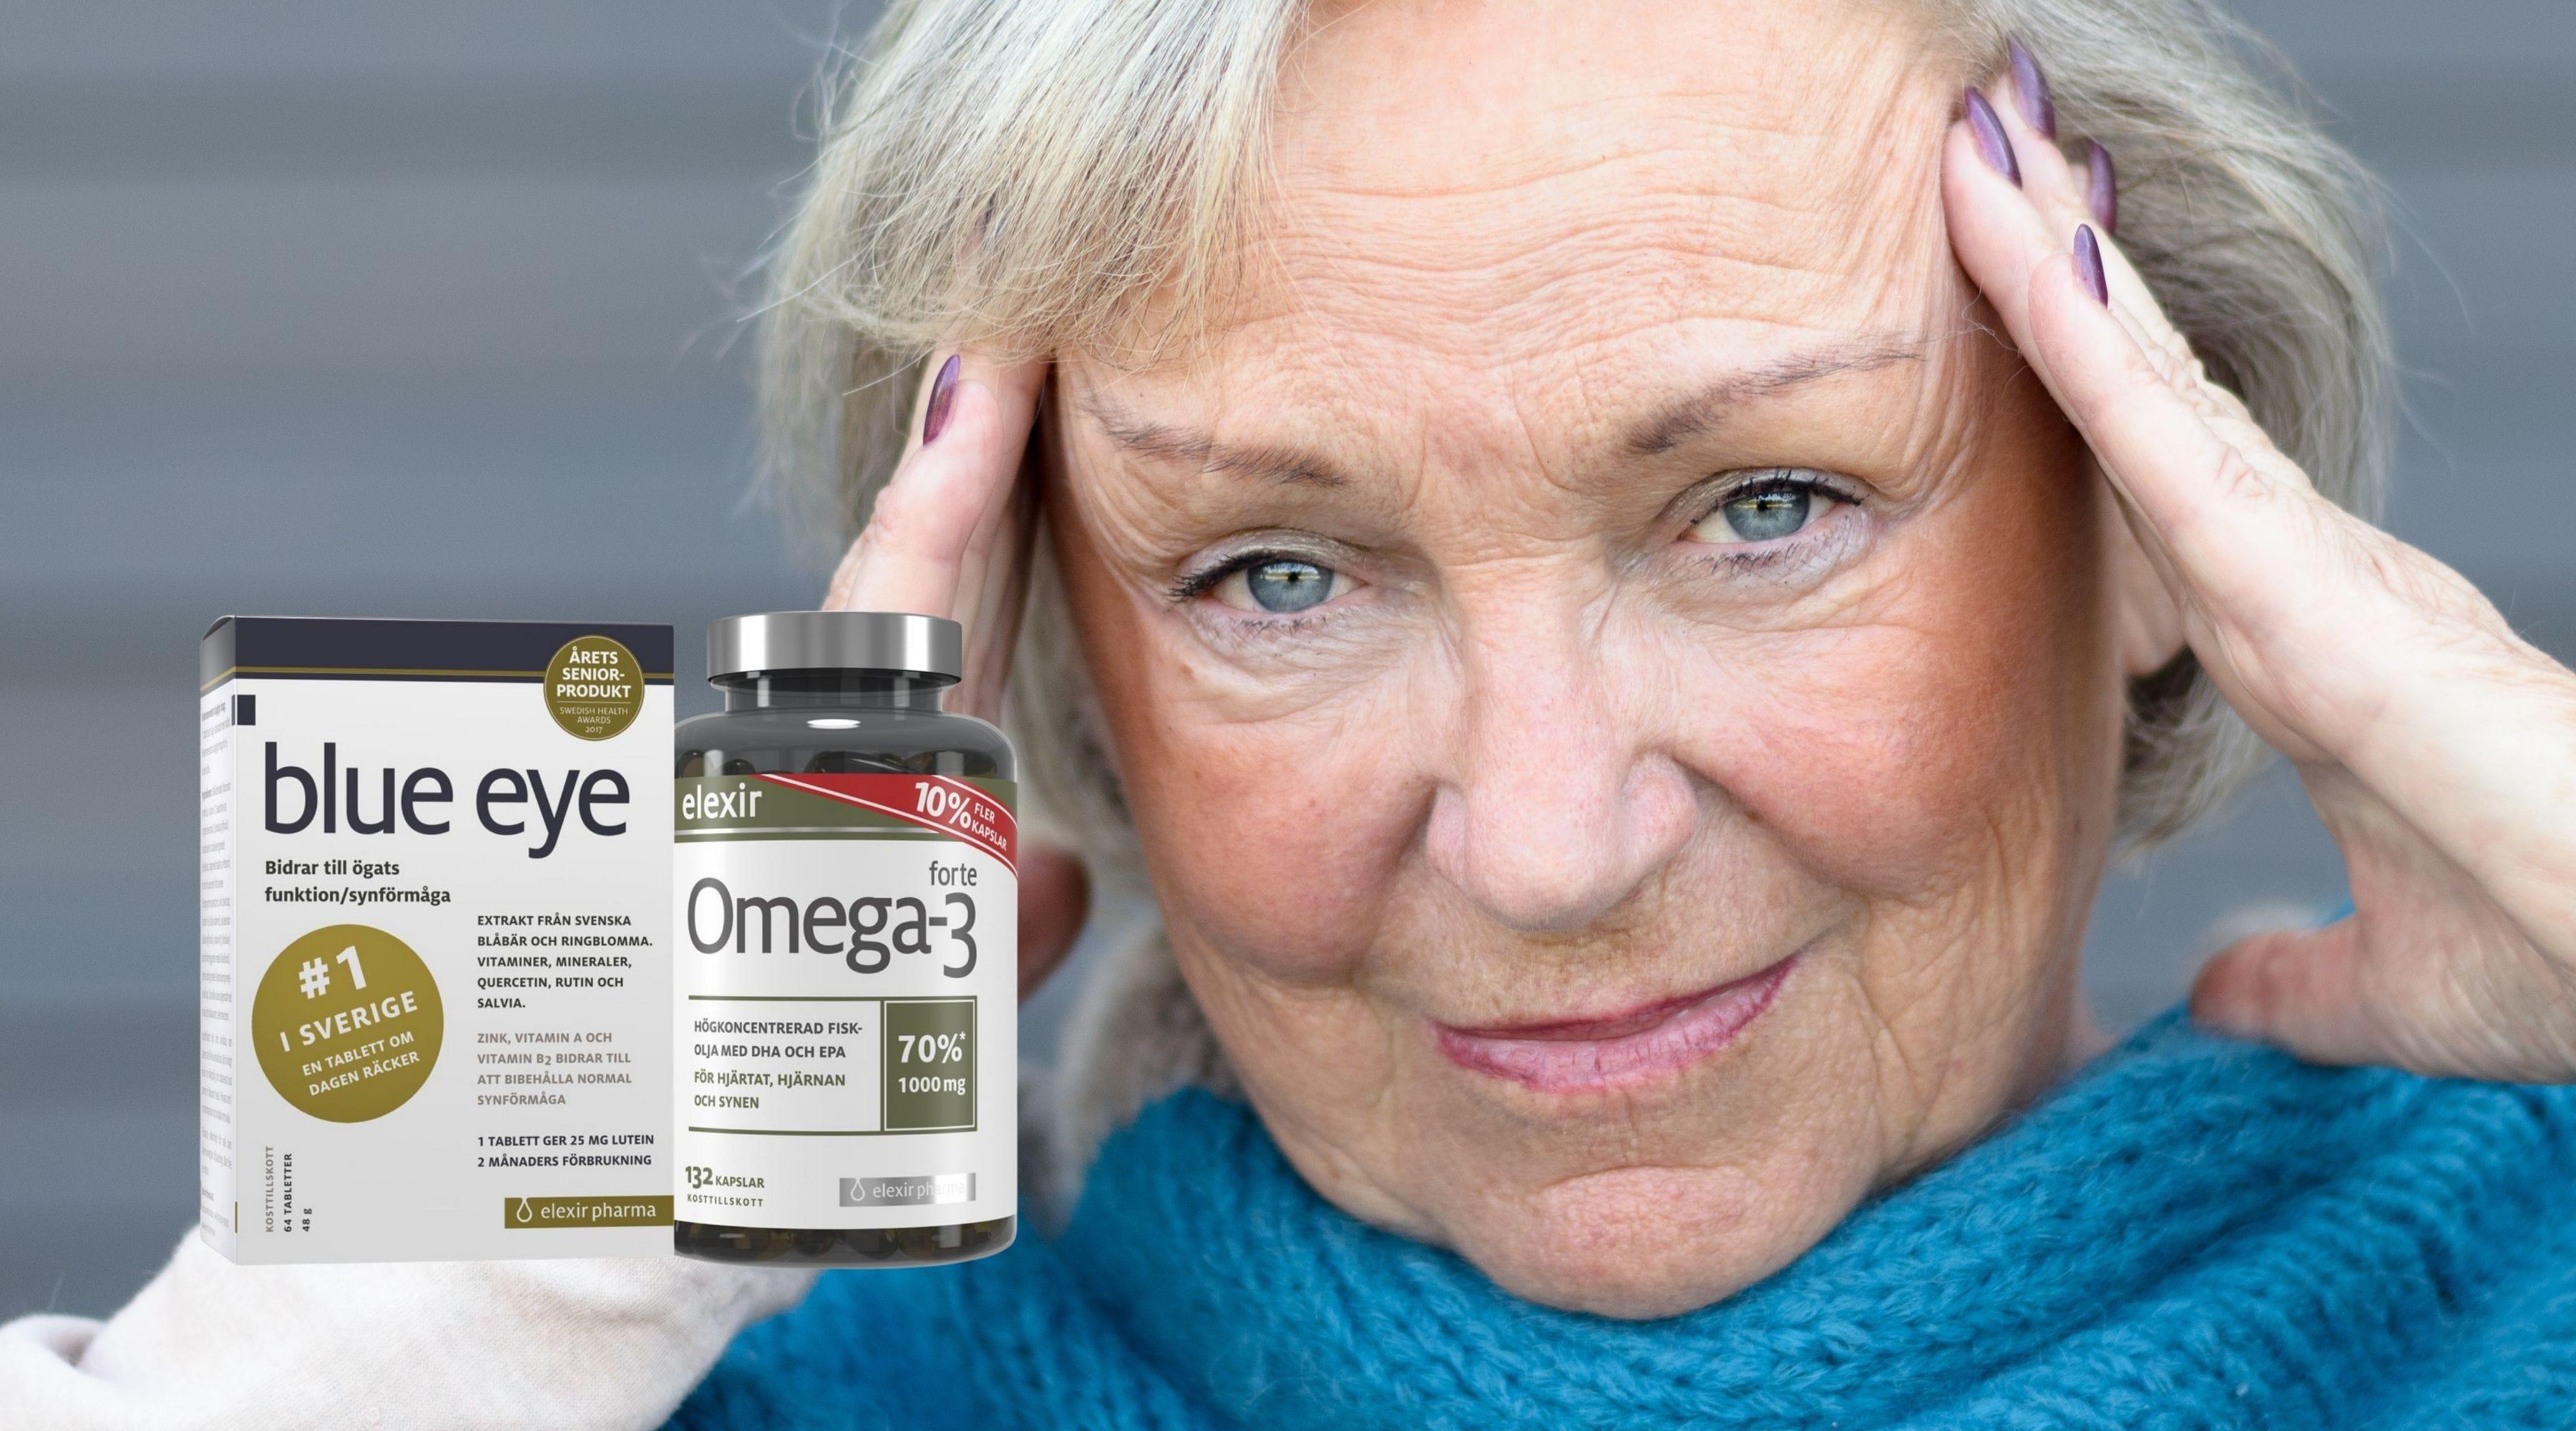 Blue Eye och omega-3 – perfekt kombo för ögonhälsa